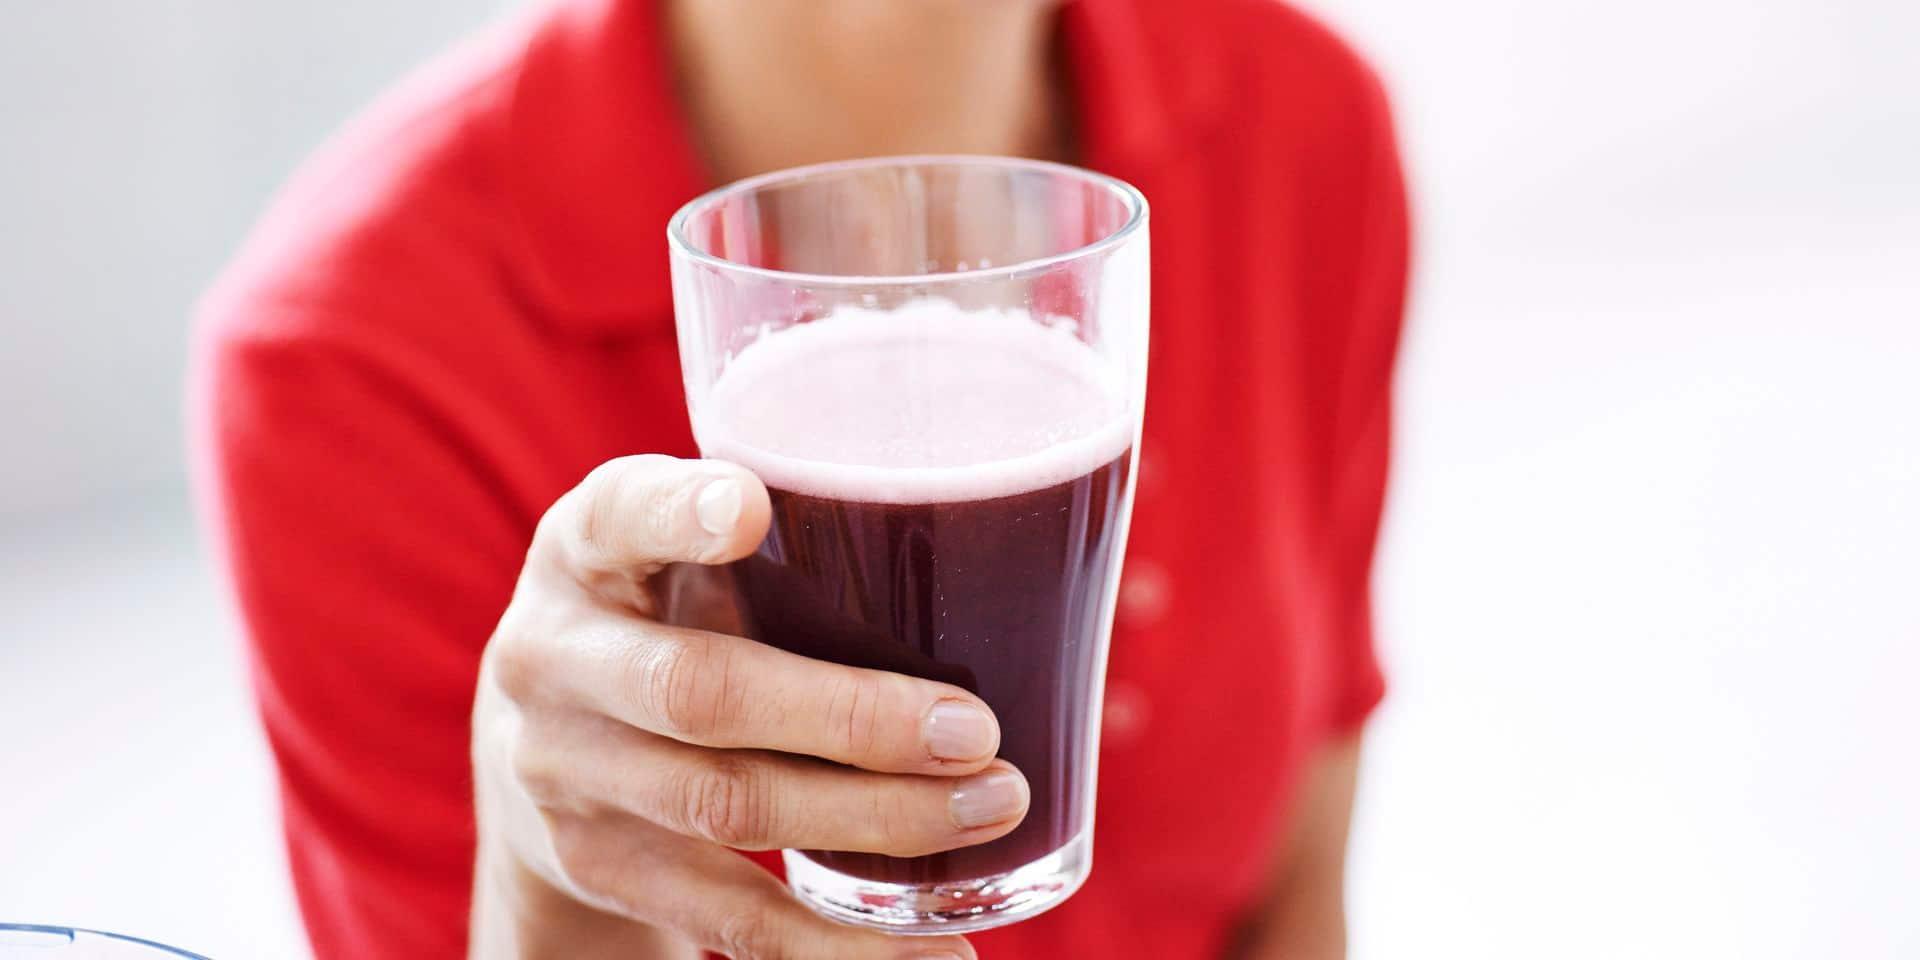 Conquérir le monde avec des smoothies: voici l'invention de deux Belges